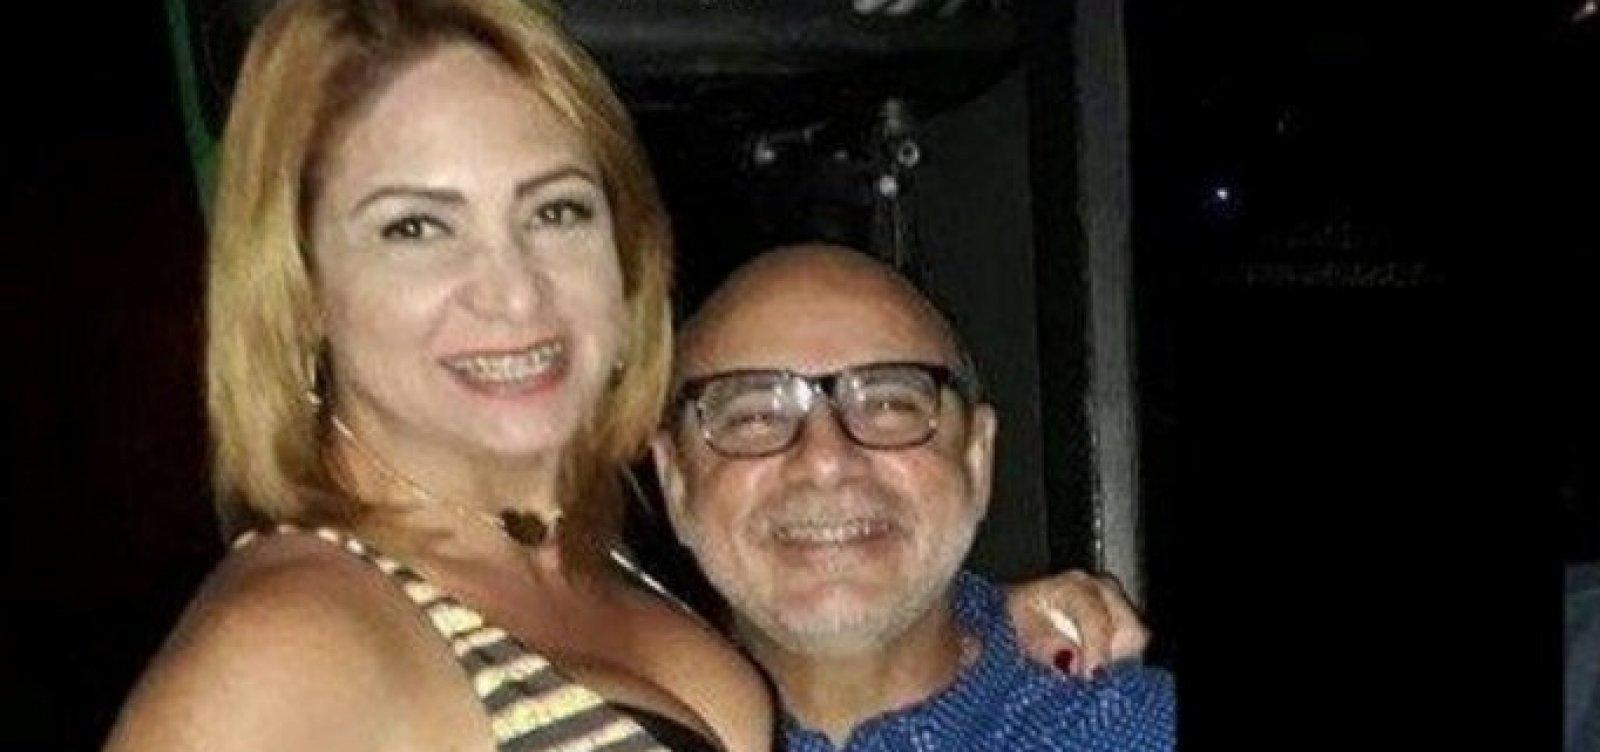 Esposa de Fabrício Queiroz é presa pela Polícia Federal - Metro 1